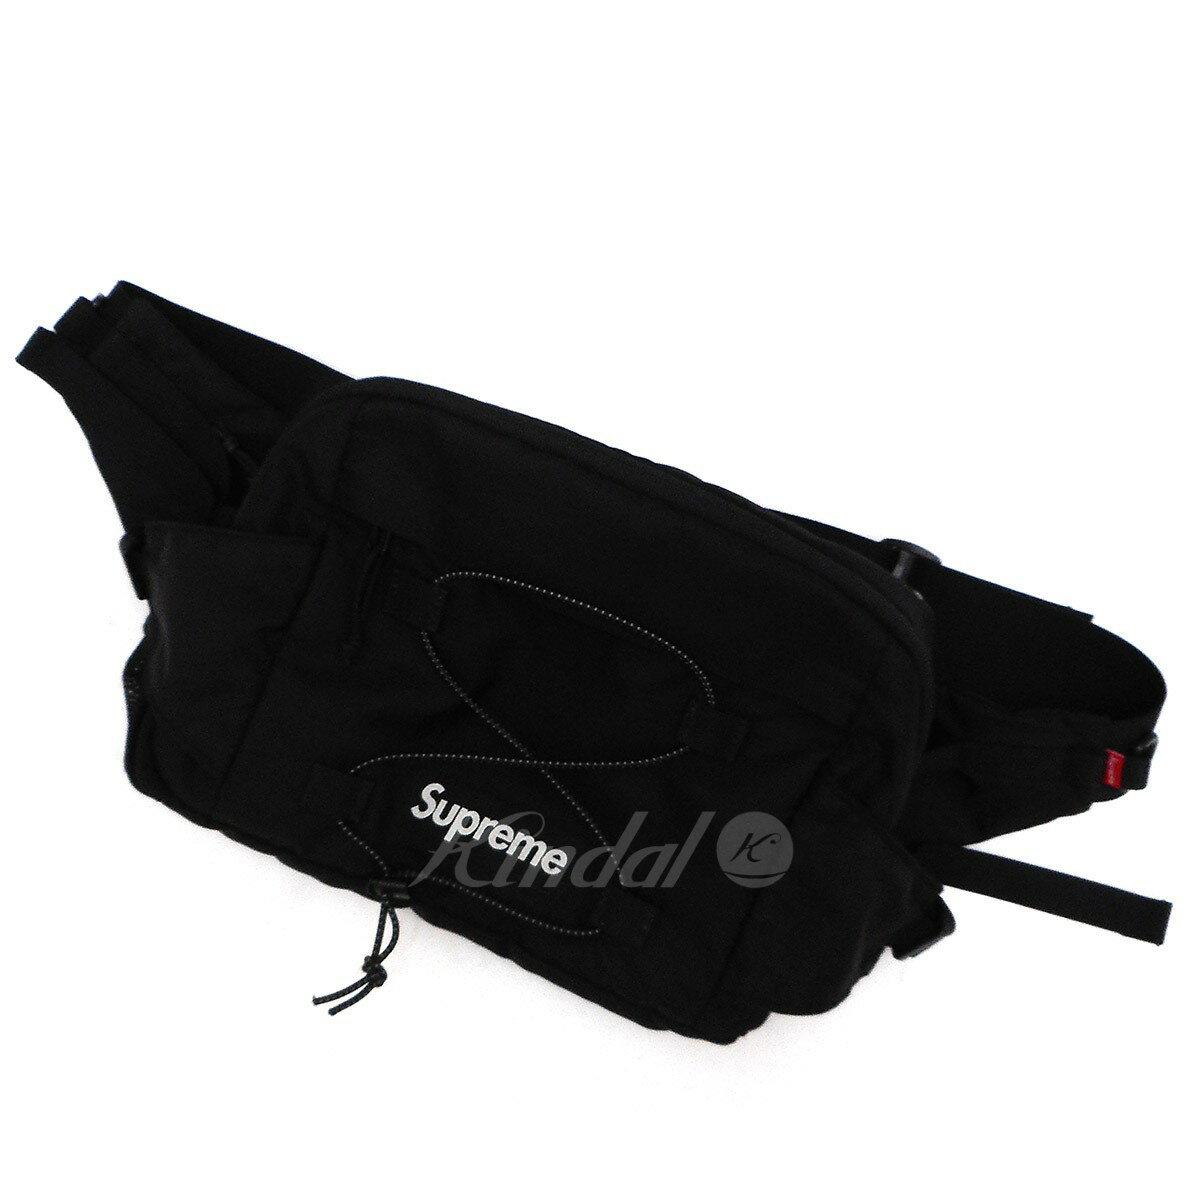 【中古】SUPREME 17SS Waist Bag ウエストバッグ ブラック 【送料無料】 【181118】(シュプリーム)